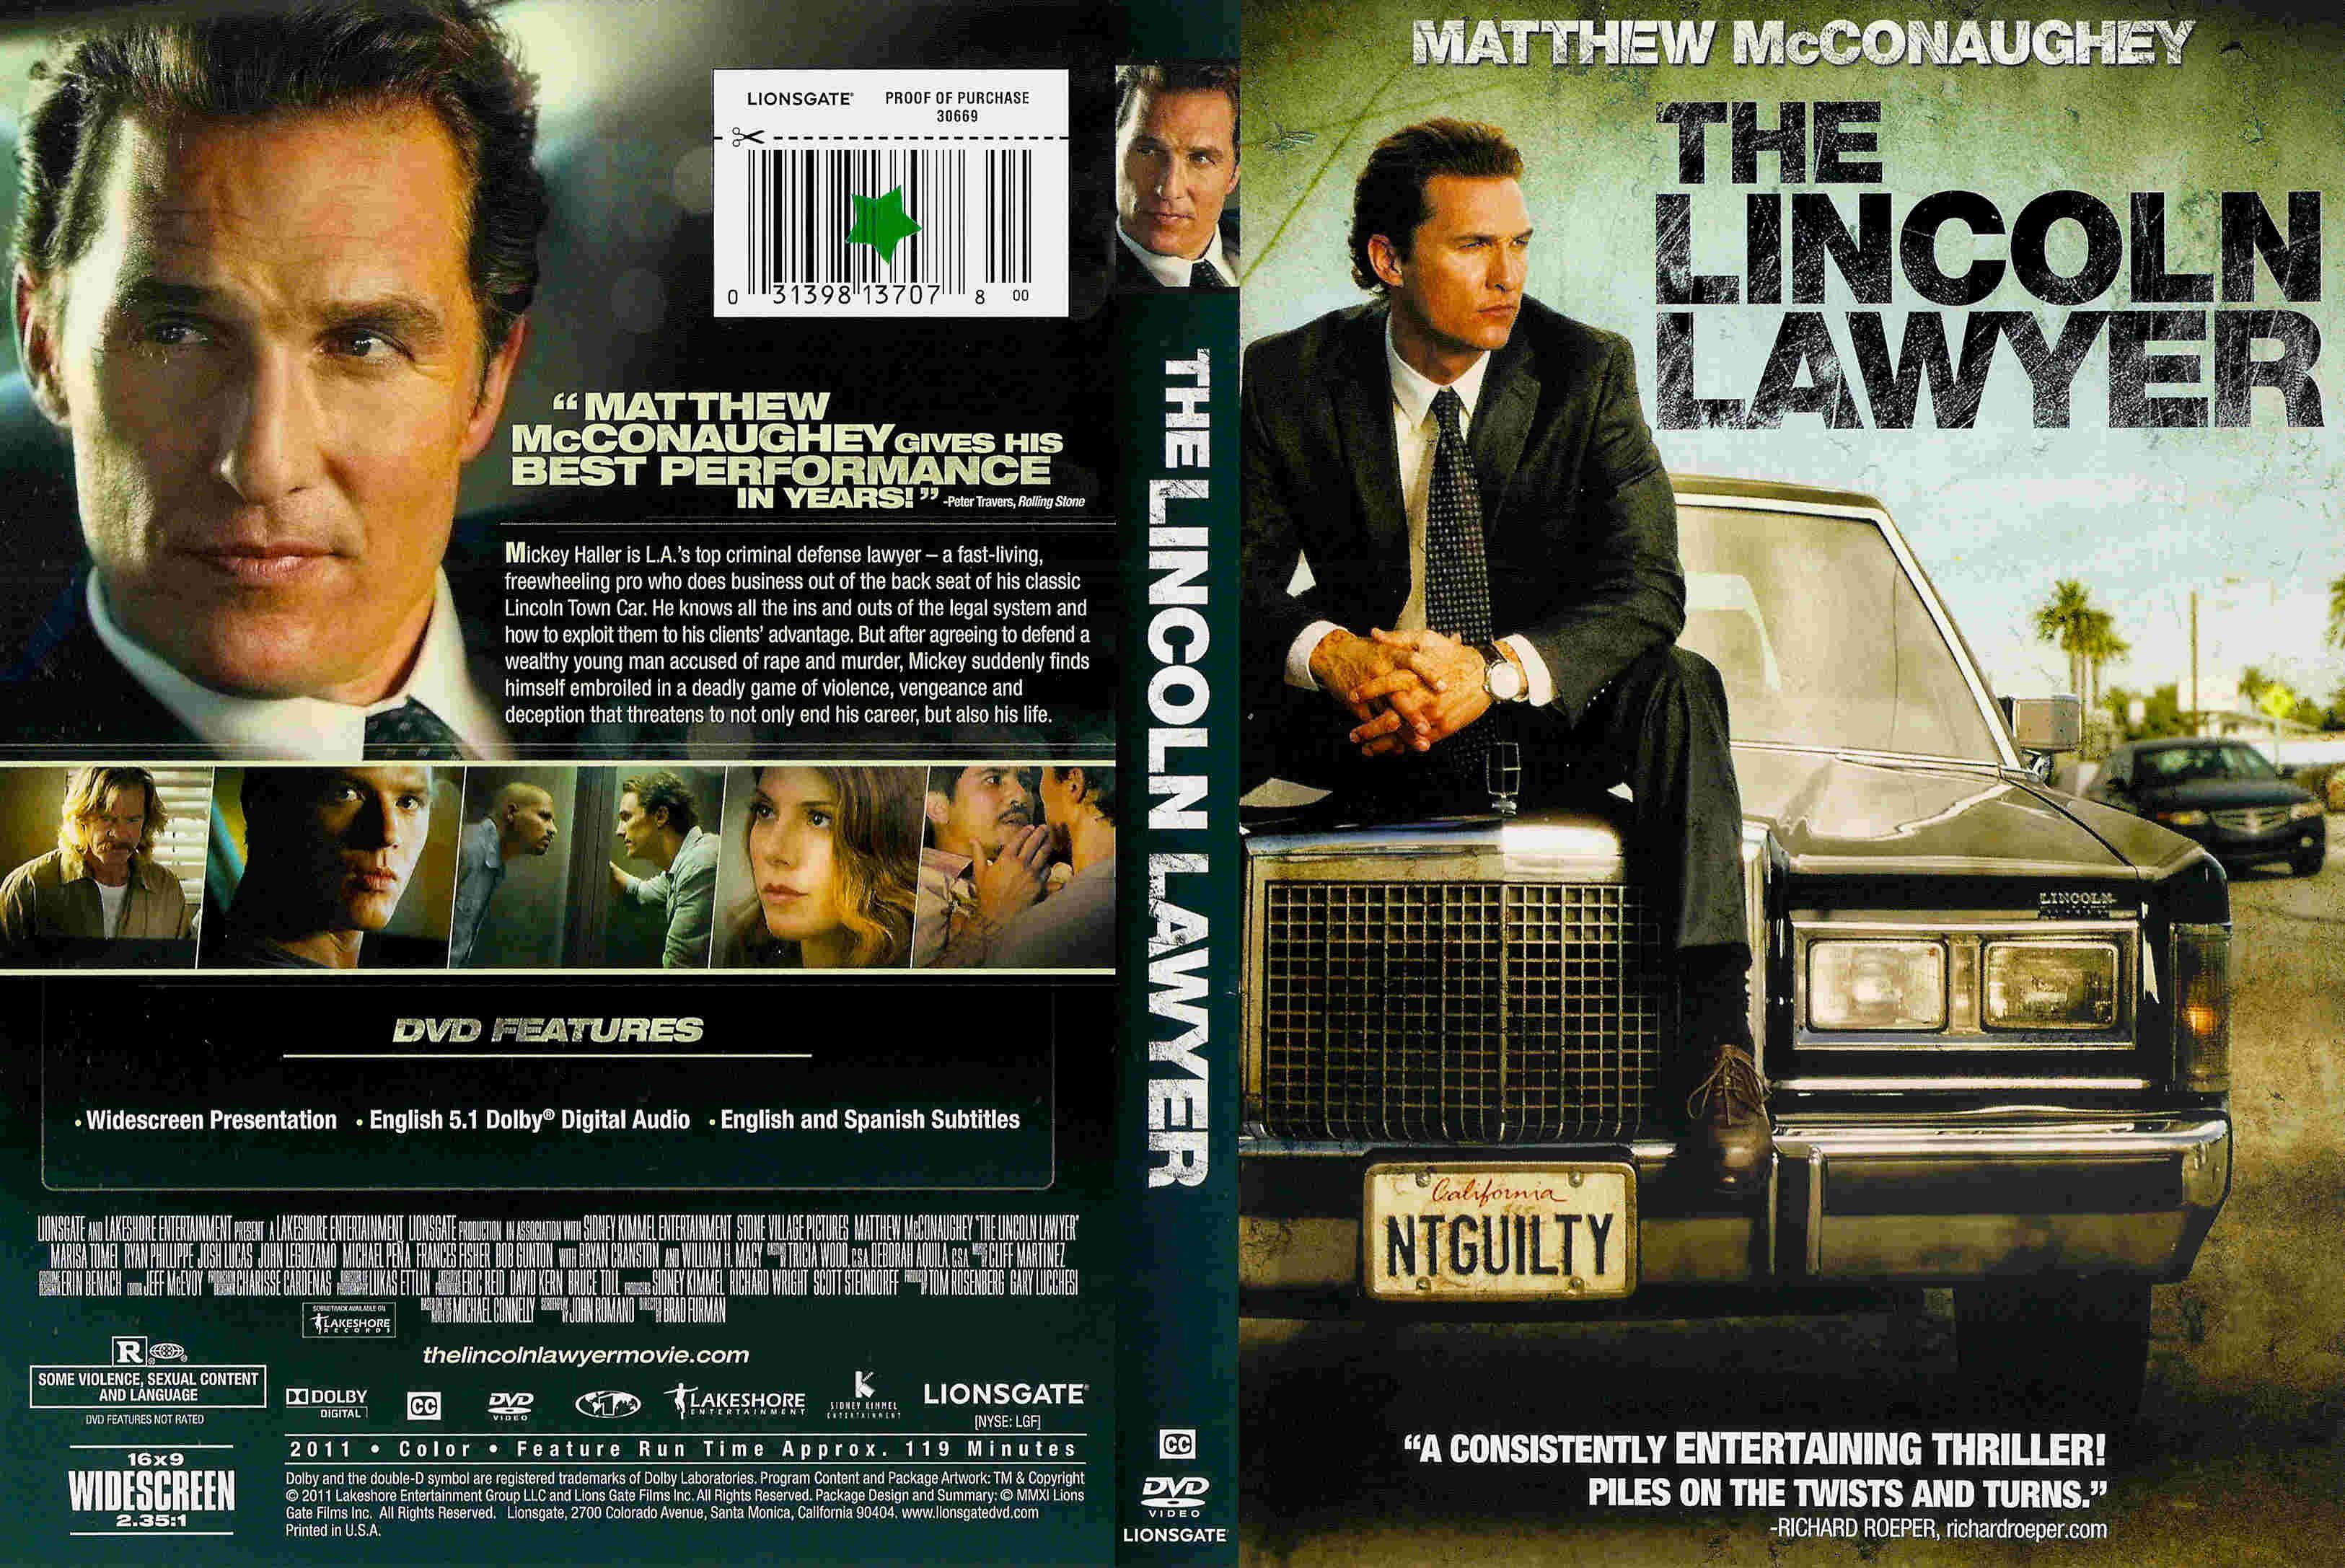 The Lincoln Lawyer Formato Dvd Dvd Peliculas Caratula